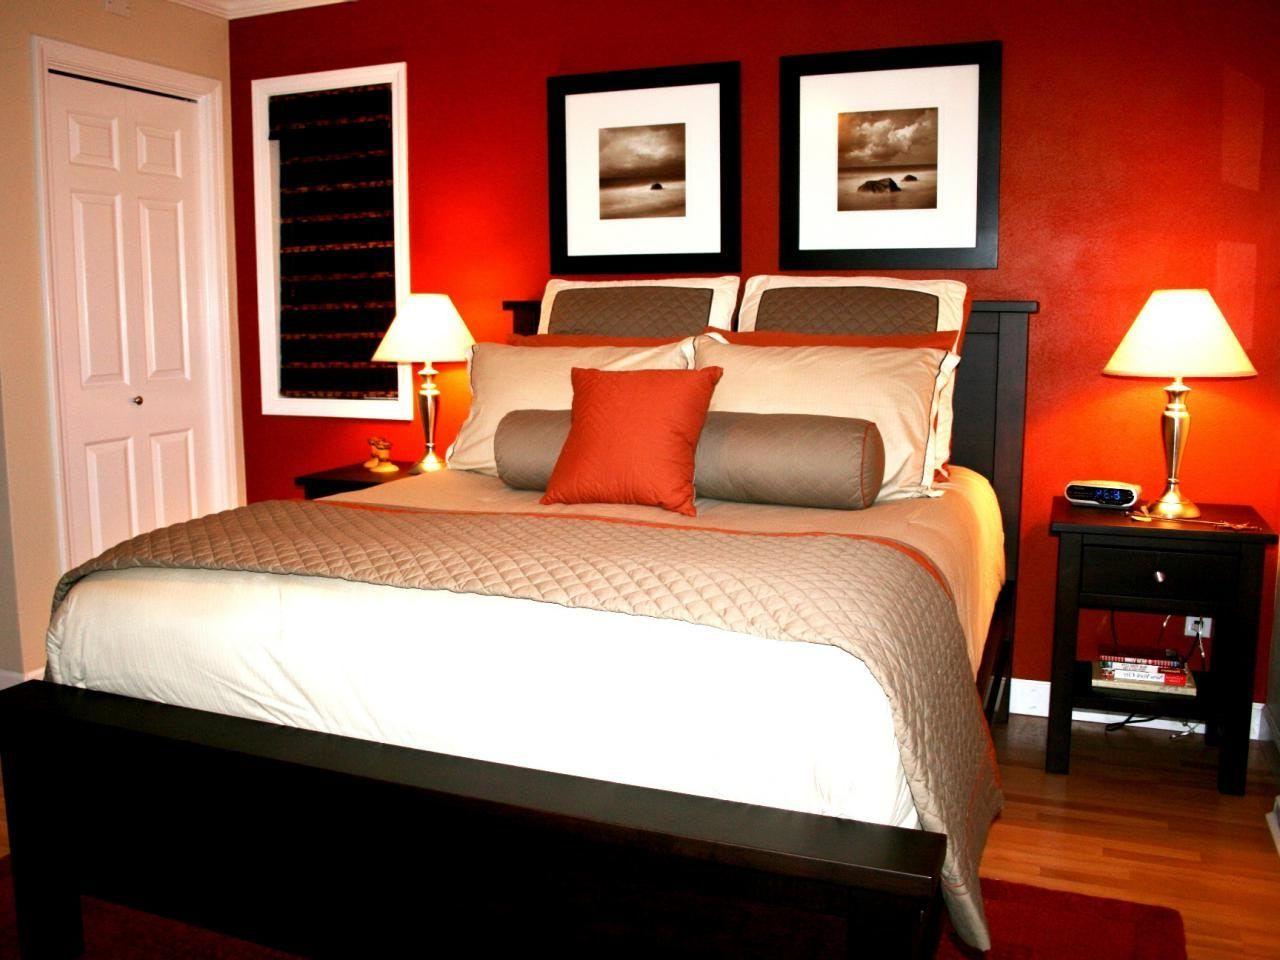 Romantisches Schlafzimmer Stab Dekor Wände Orange Mit